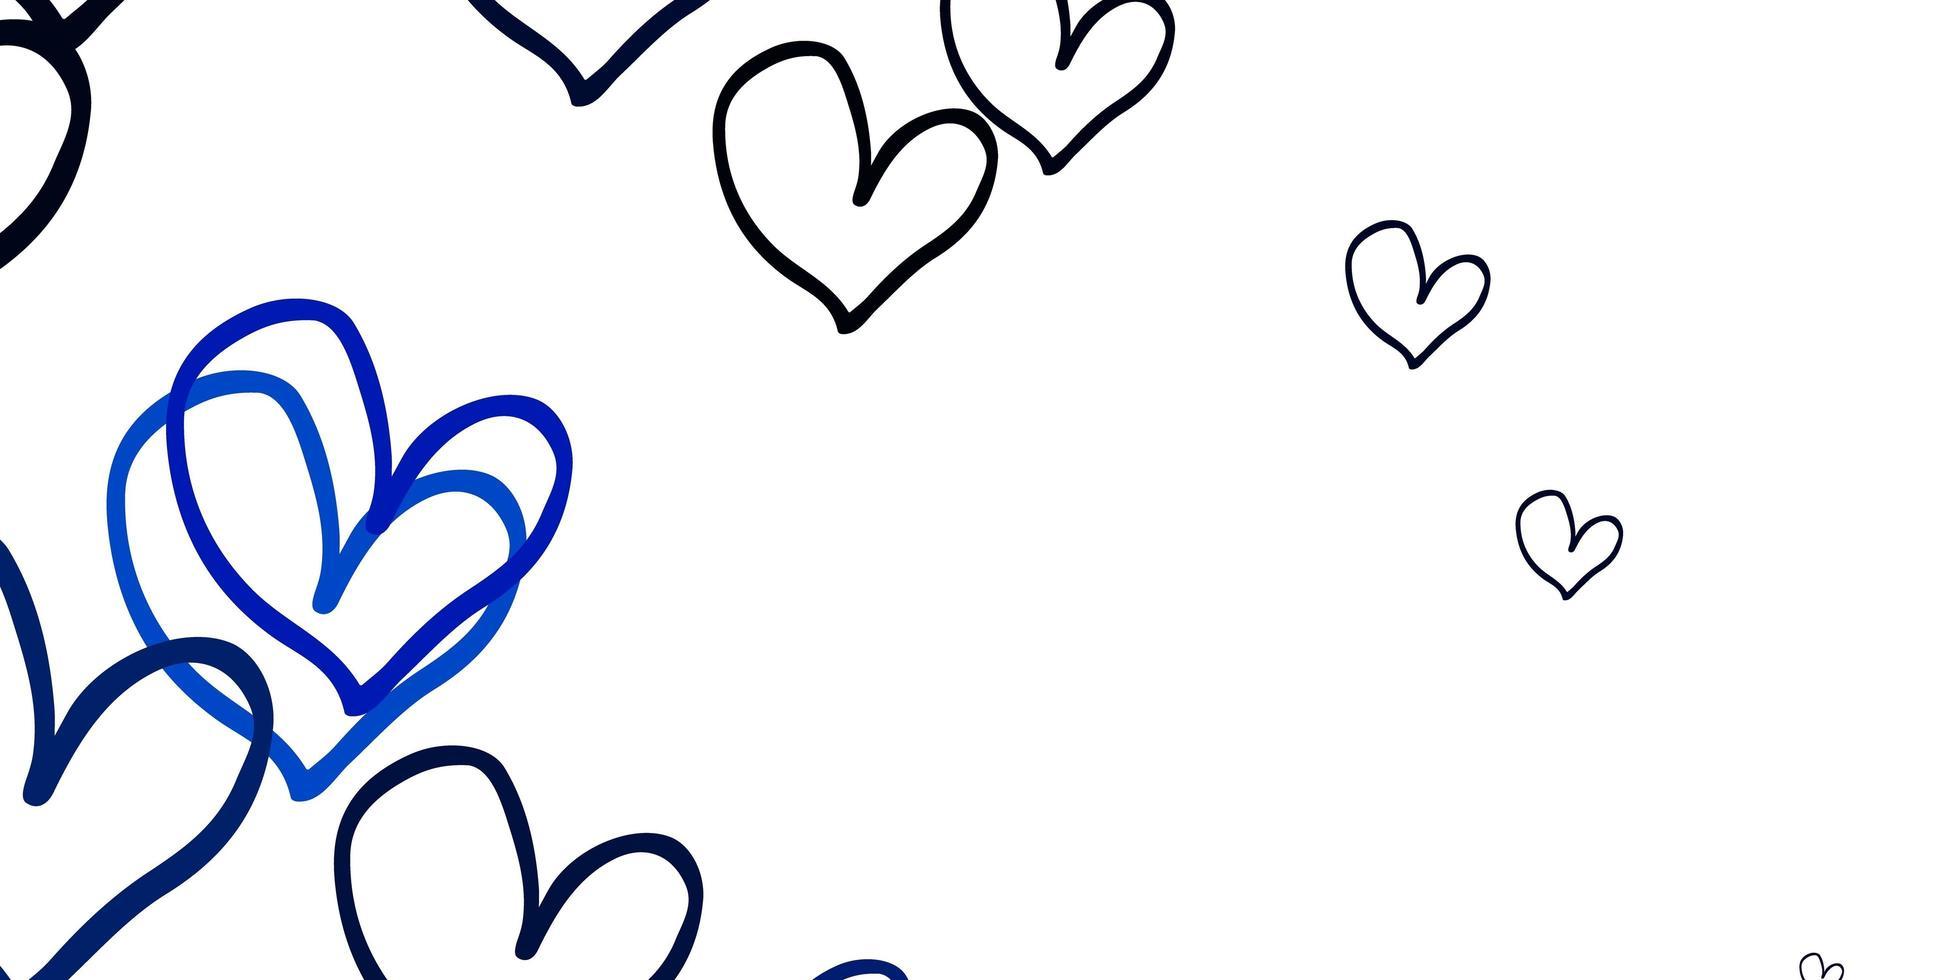 modèle vectoriel bleu clair avec des coeurs de doodle.